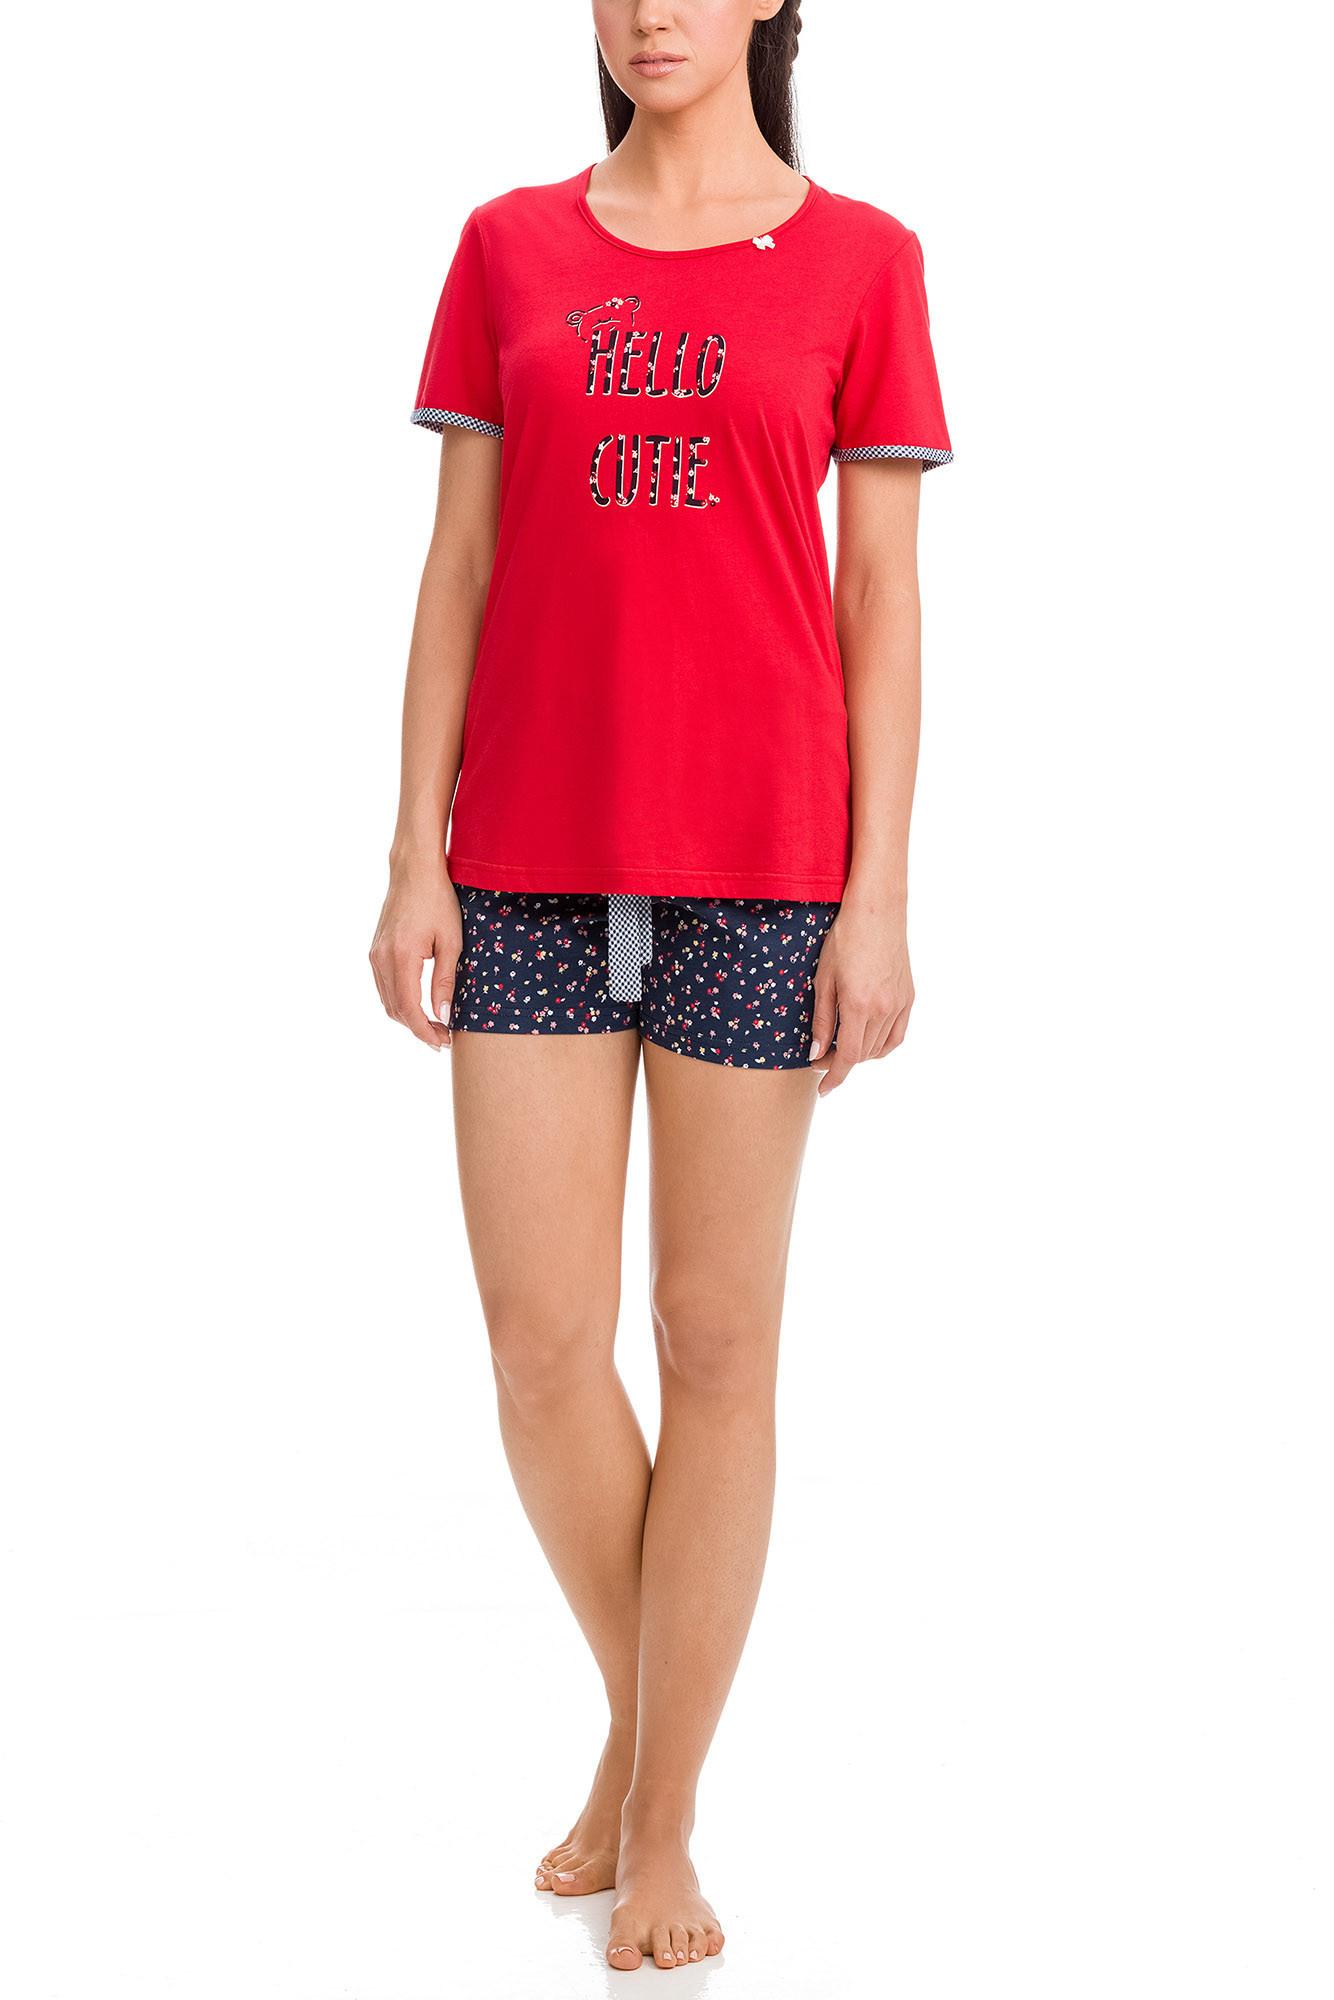 Vamp - Dámske pyžamo 12418 - Vamp red m